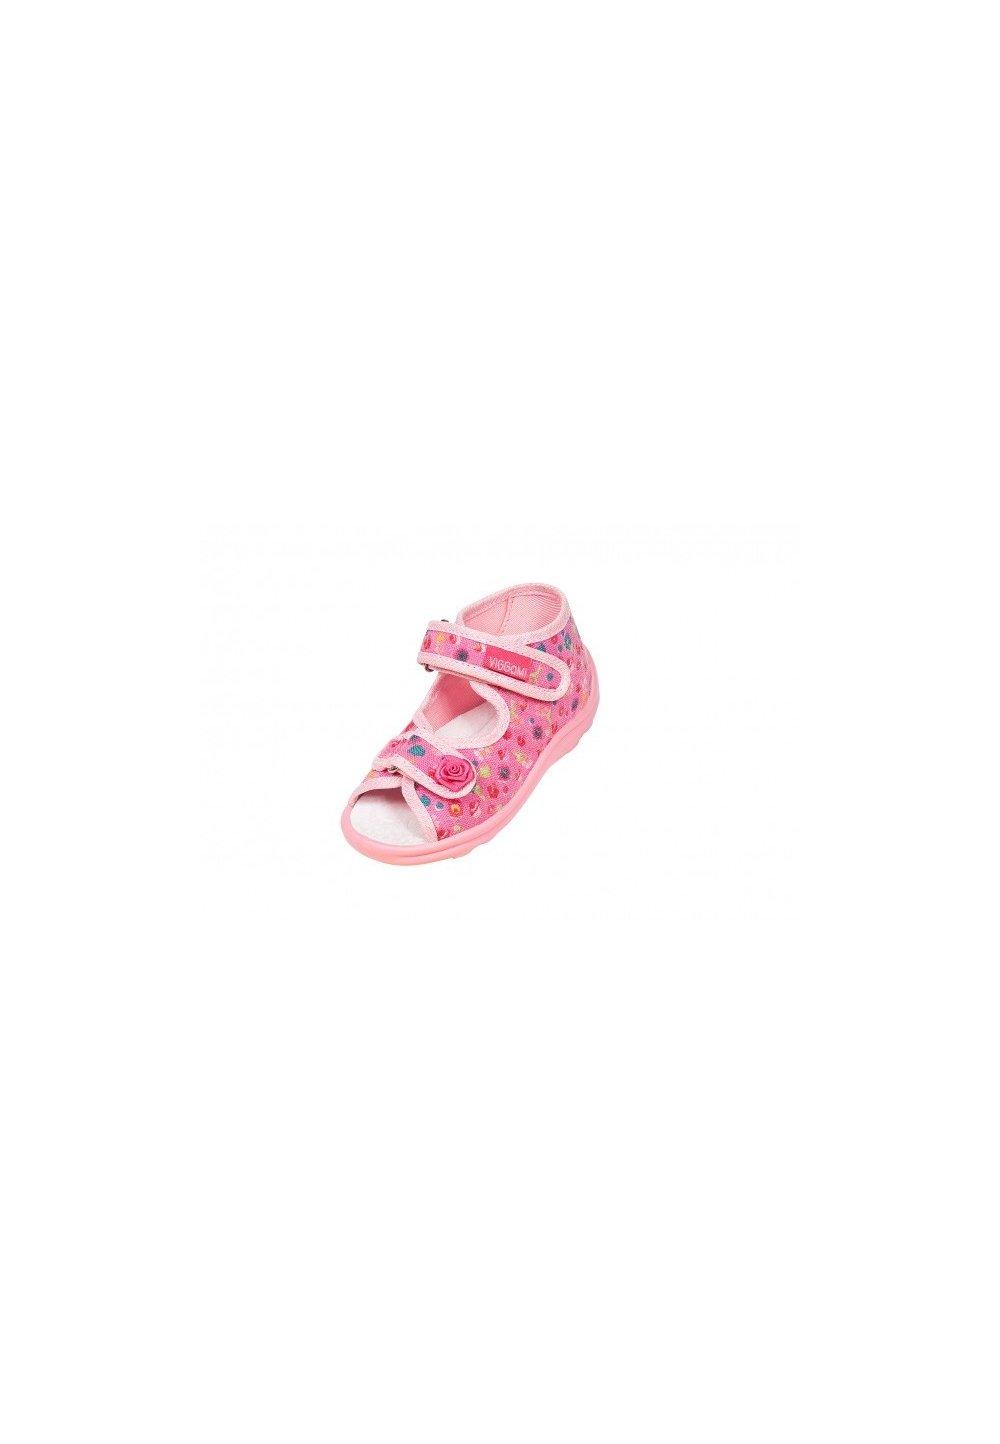 Sandale, roz cu trandafiri, Karolina imagine